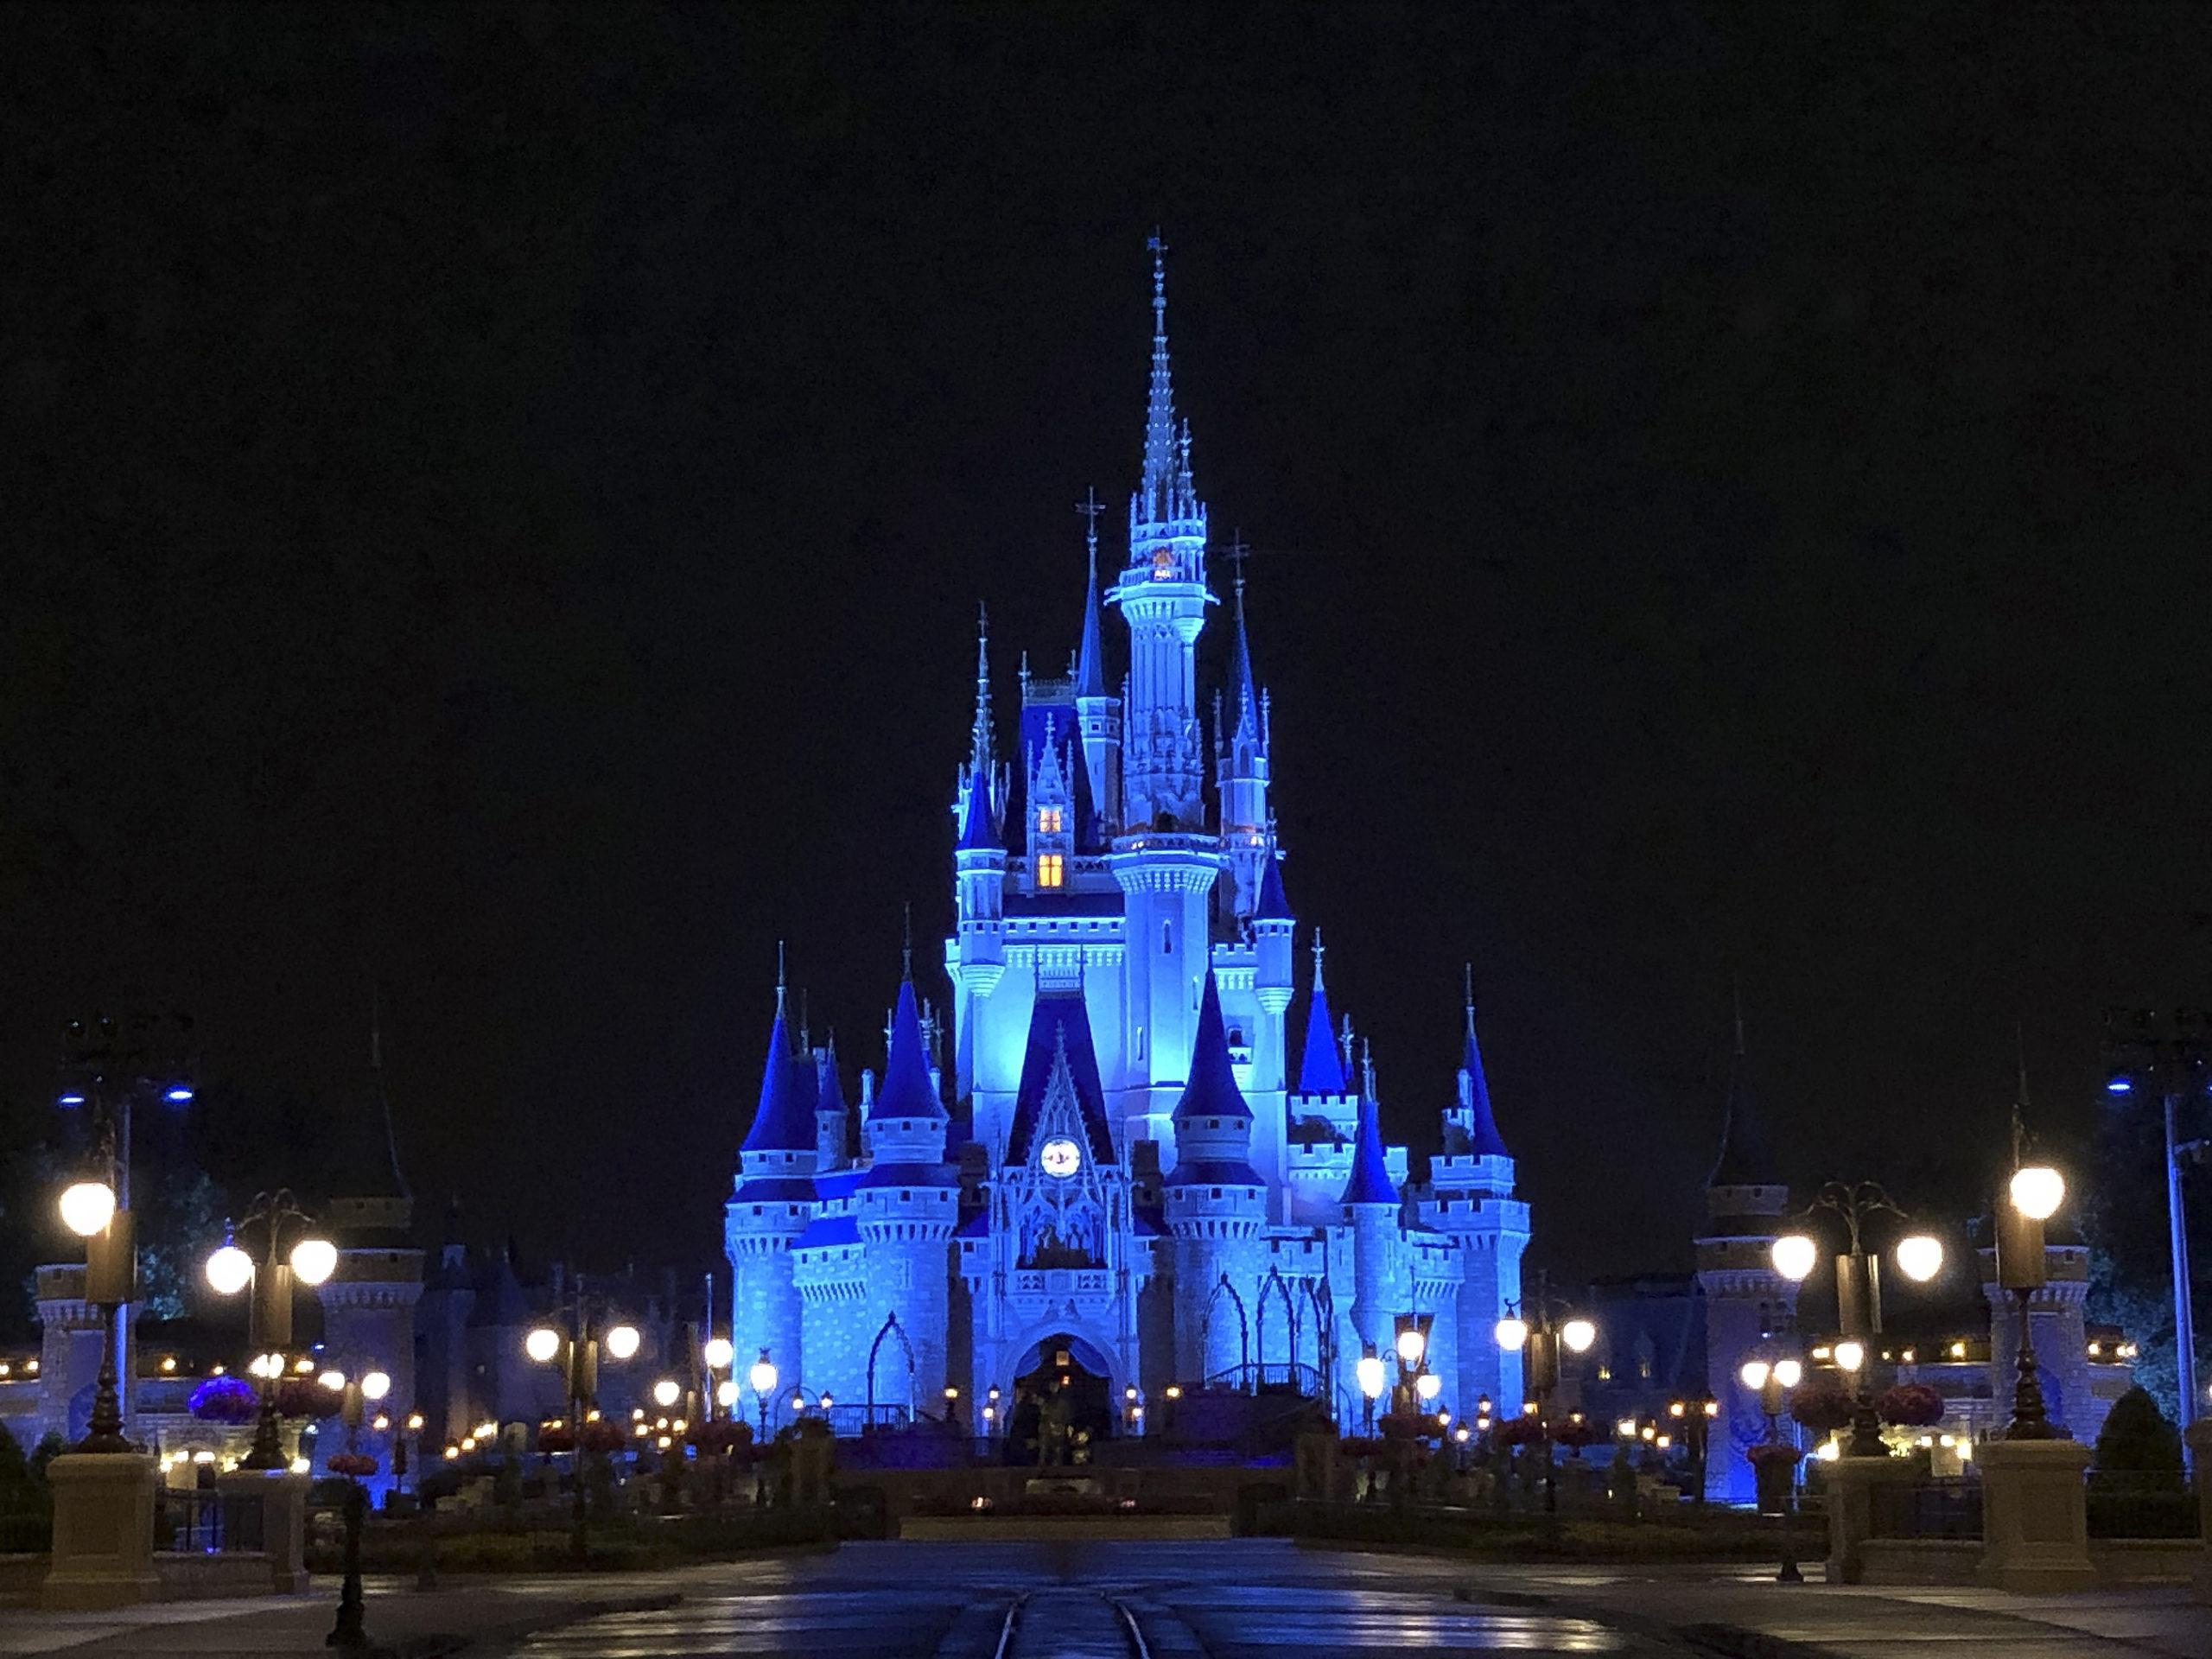 disney cinderella castle lit up in blue